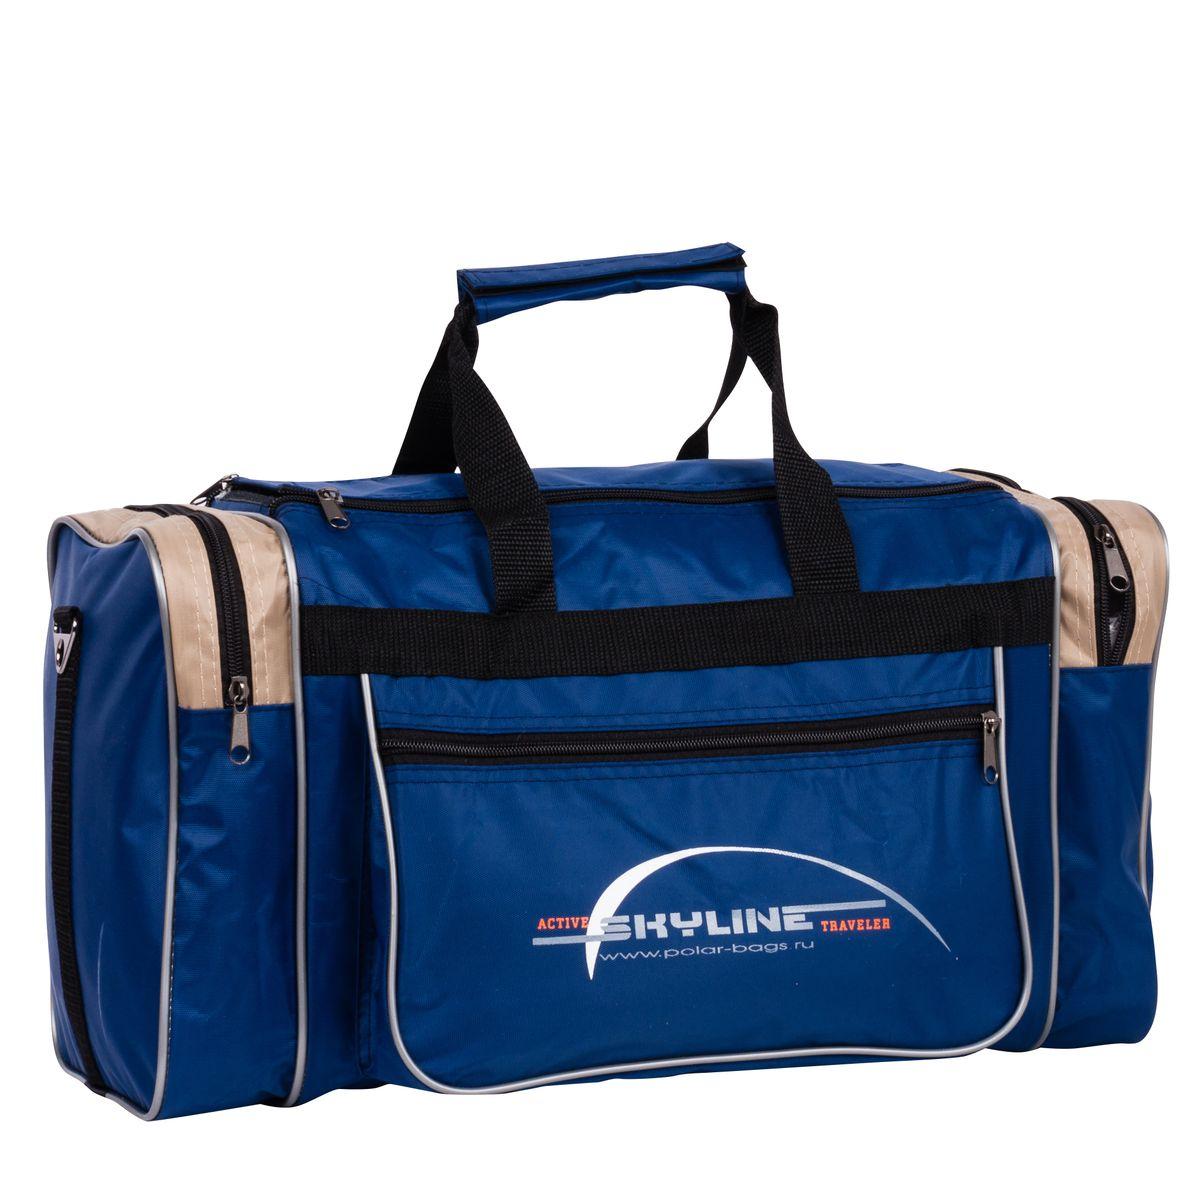 Сумка спортивная Polar, цвет: синий, бежевый, 23 л. 60096009_синий, бежевыйСпортивная сумка Polar выполнена из полиэстера с водоотталкивающей пропиткой. Это вместительная сумка среднего размера. Имеет одно отделение, два боковых кармана и два кармана на передней части. В комплект входит съемный плечевой ремень. Эта сумка идеально подойдет для спорта и отдыха.Размер: 46 х 25 х 20 см.